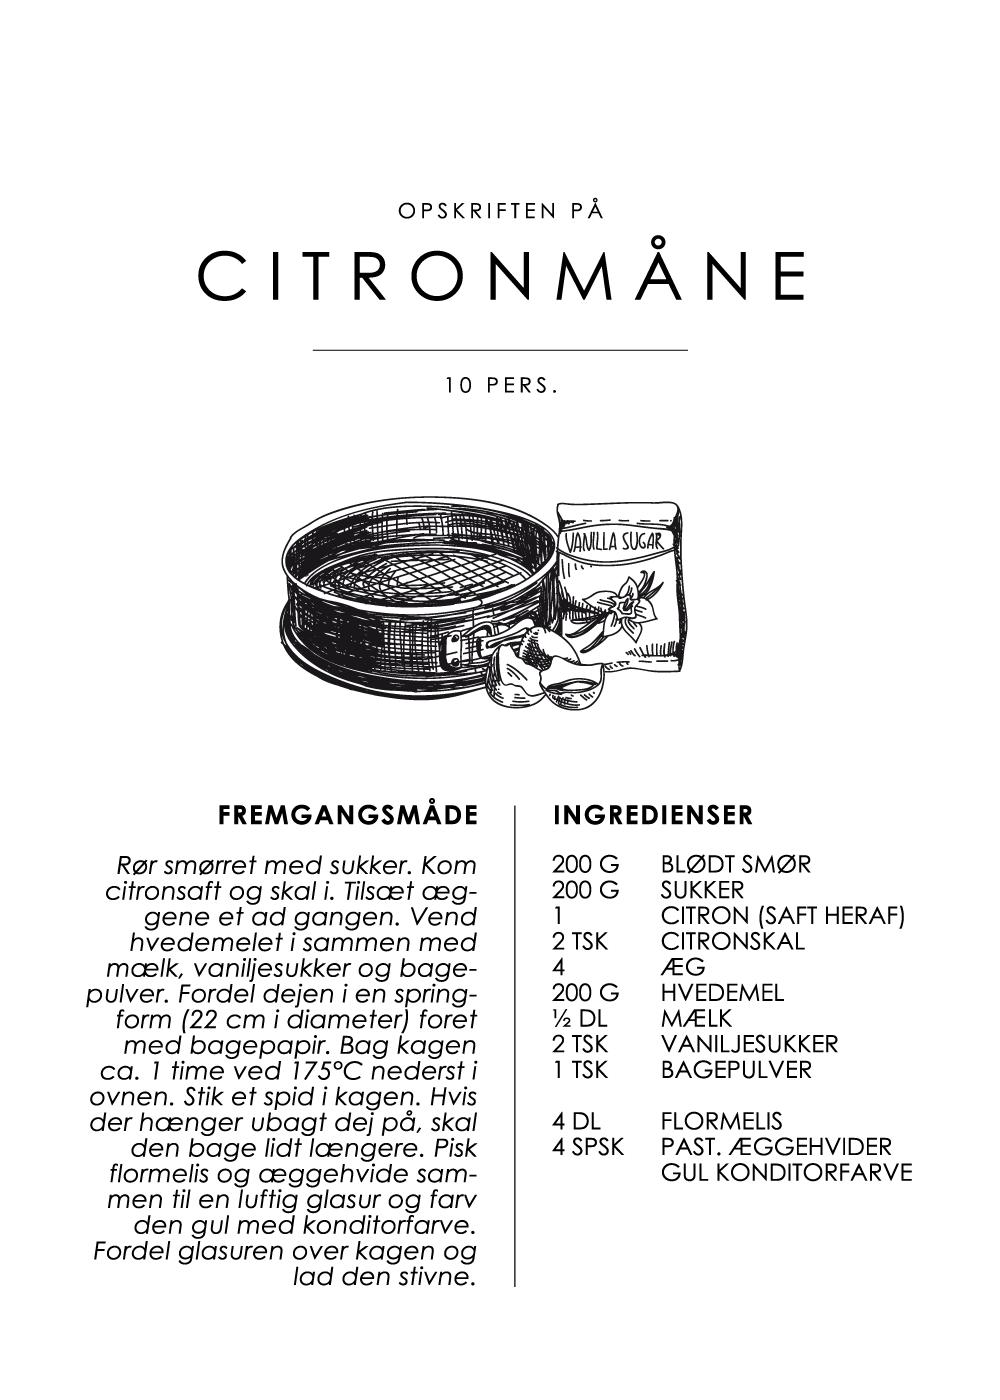 Citronmåne opskrift - Kage guide plakat